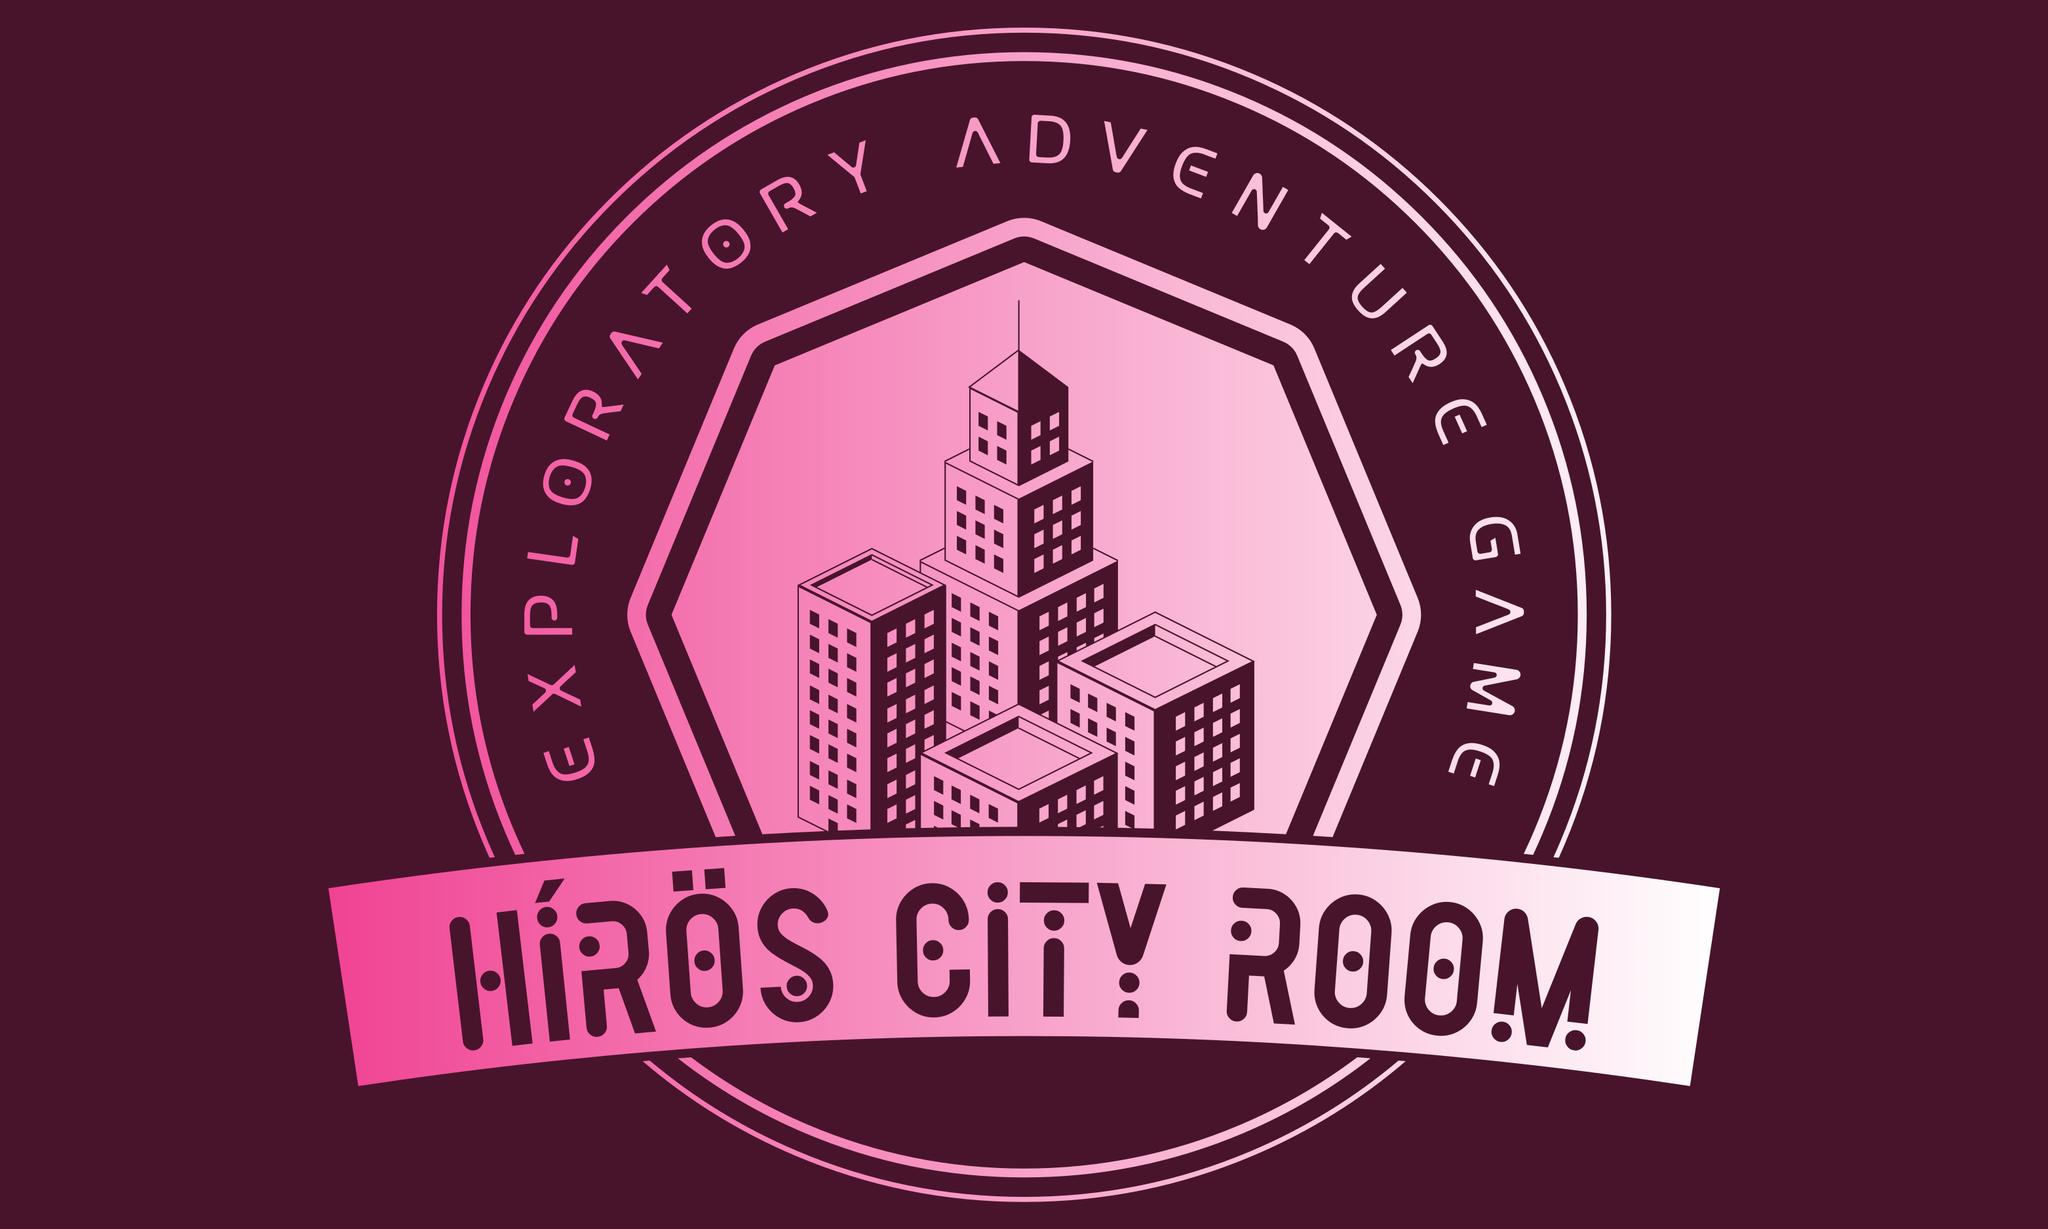 https://hirosexitroom.hu/galeria/vZWIFtm5H1A7bEIvuEfYvUcXErGjJBbB56CulK7D.png